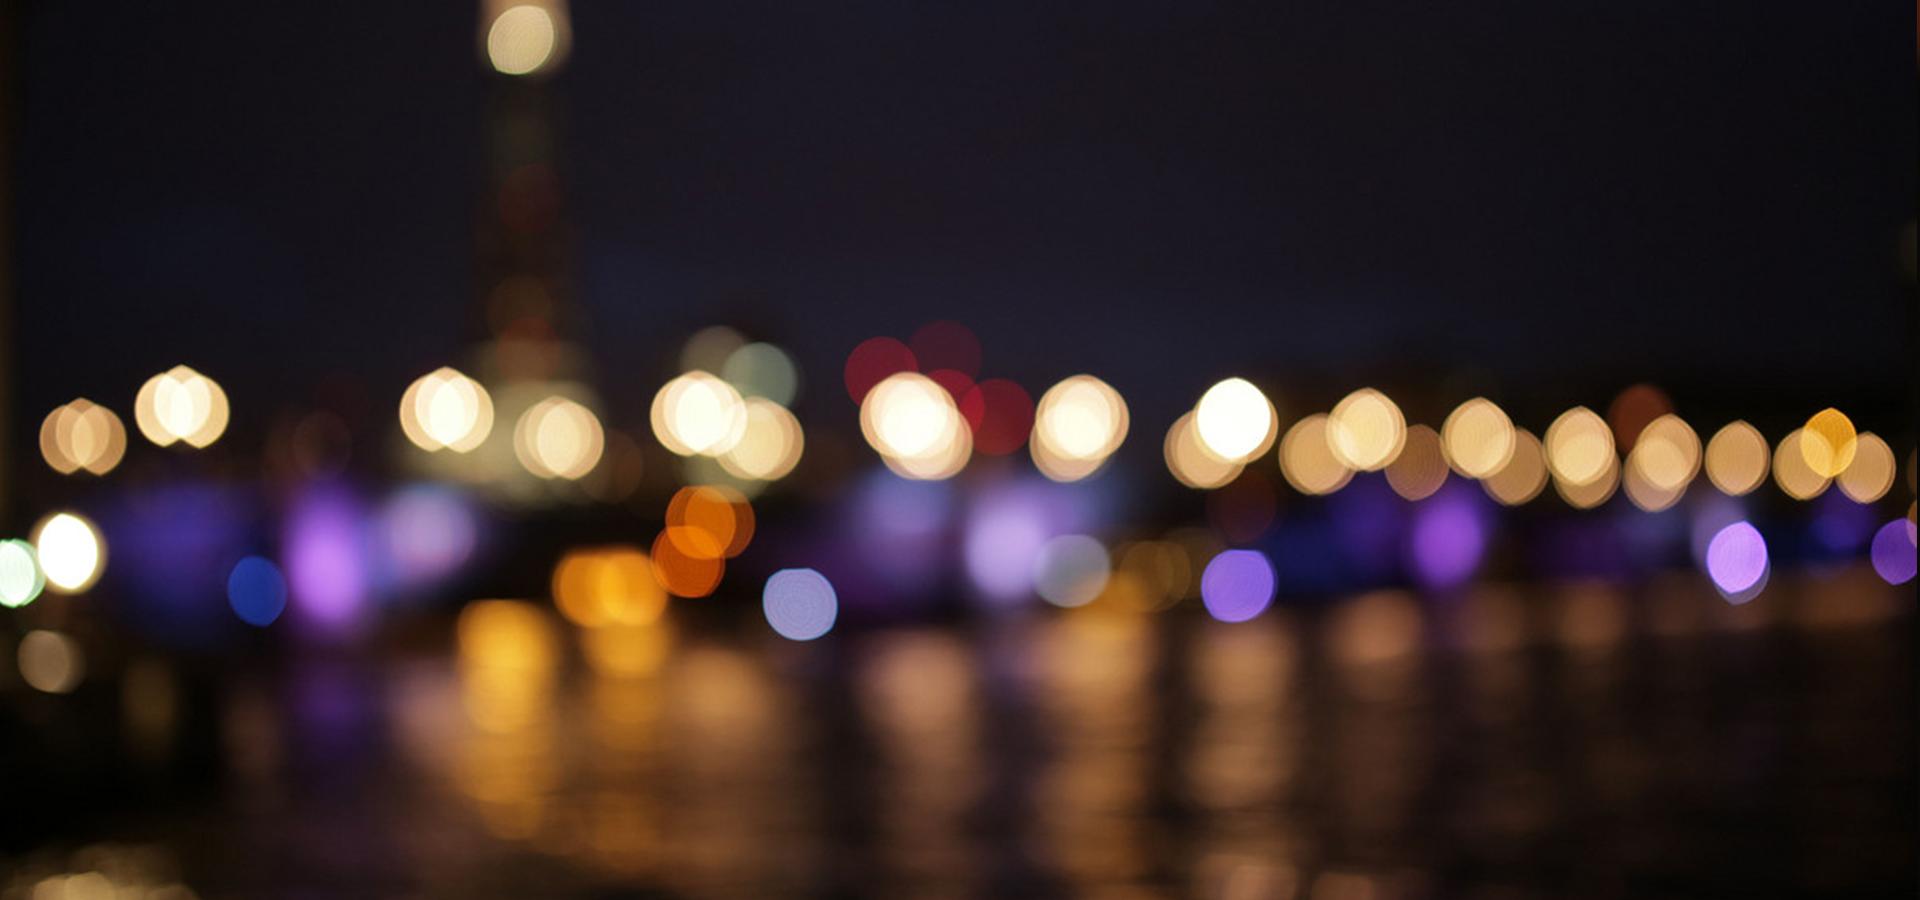 night lights background  night  light  neon light